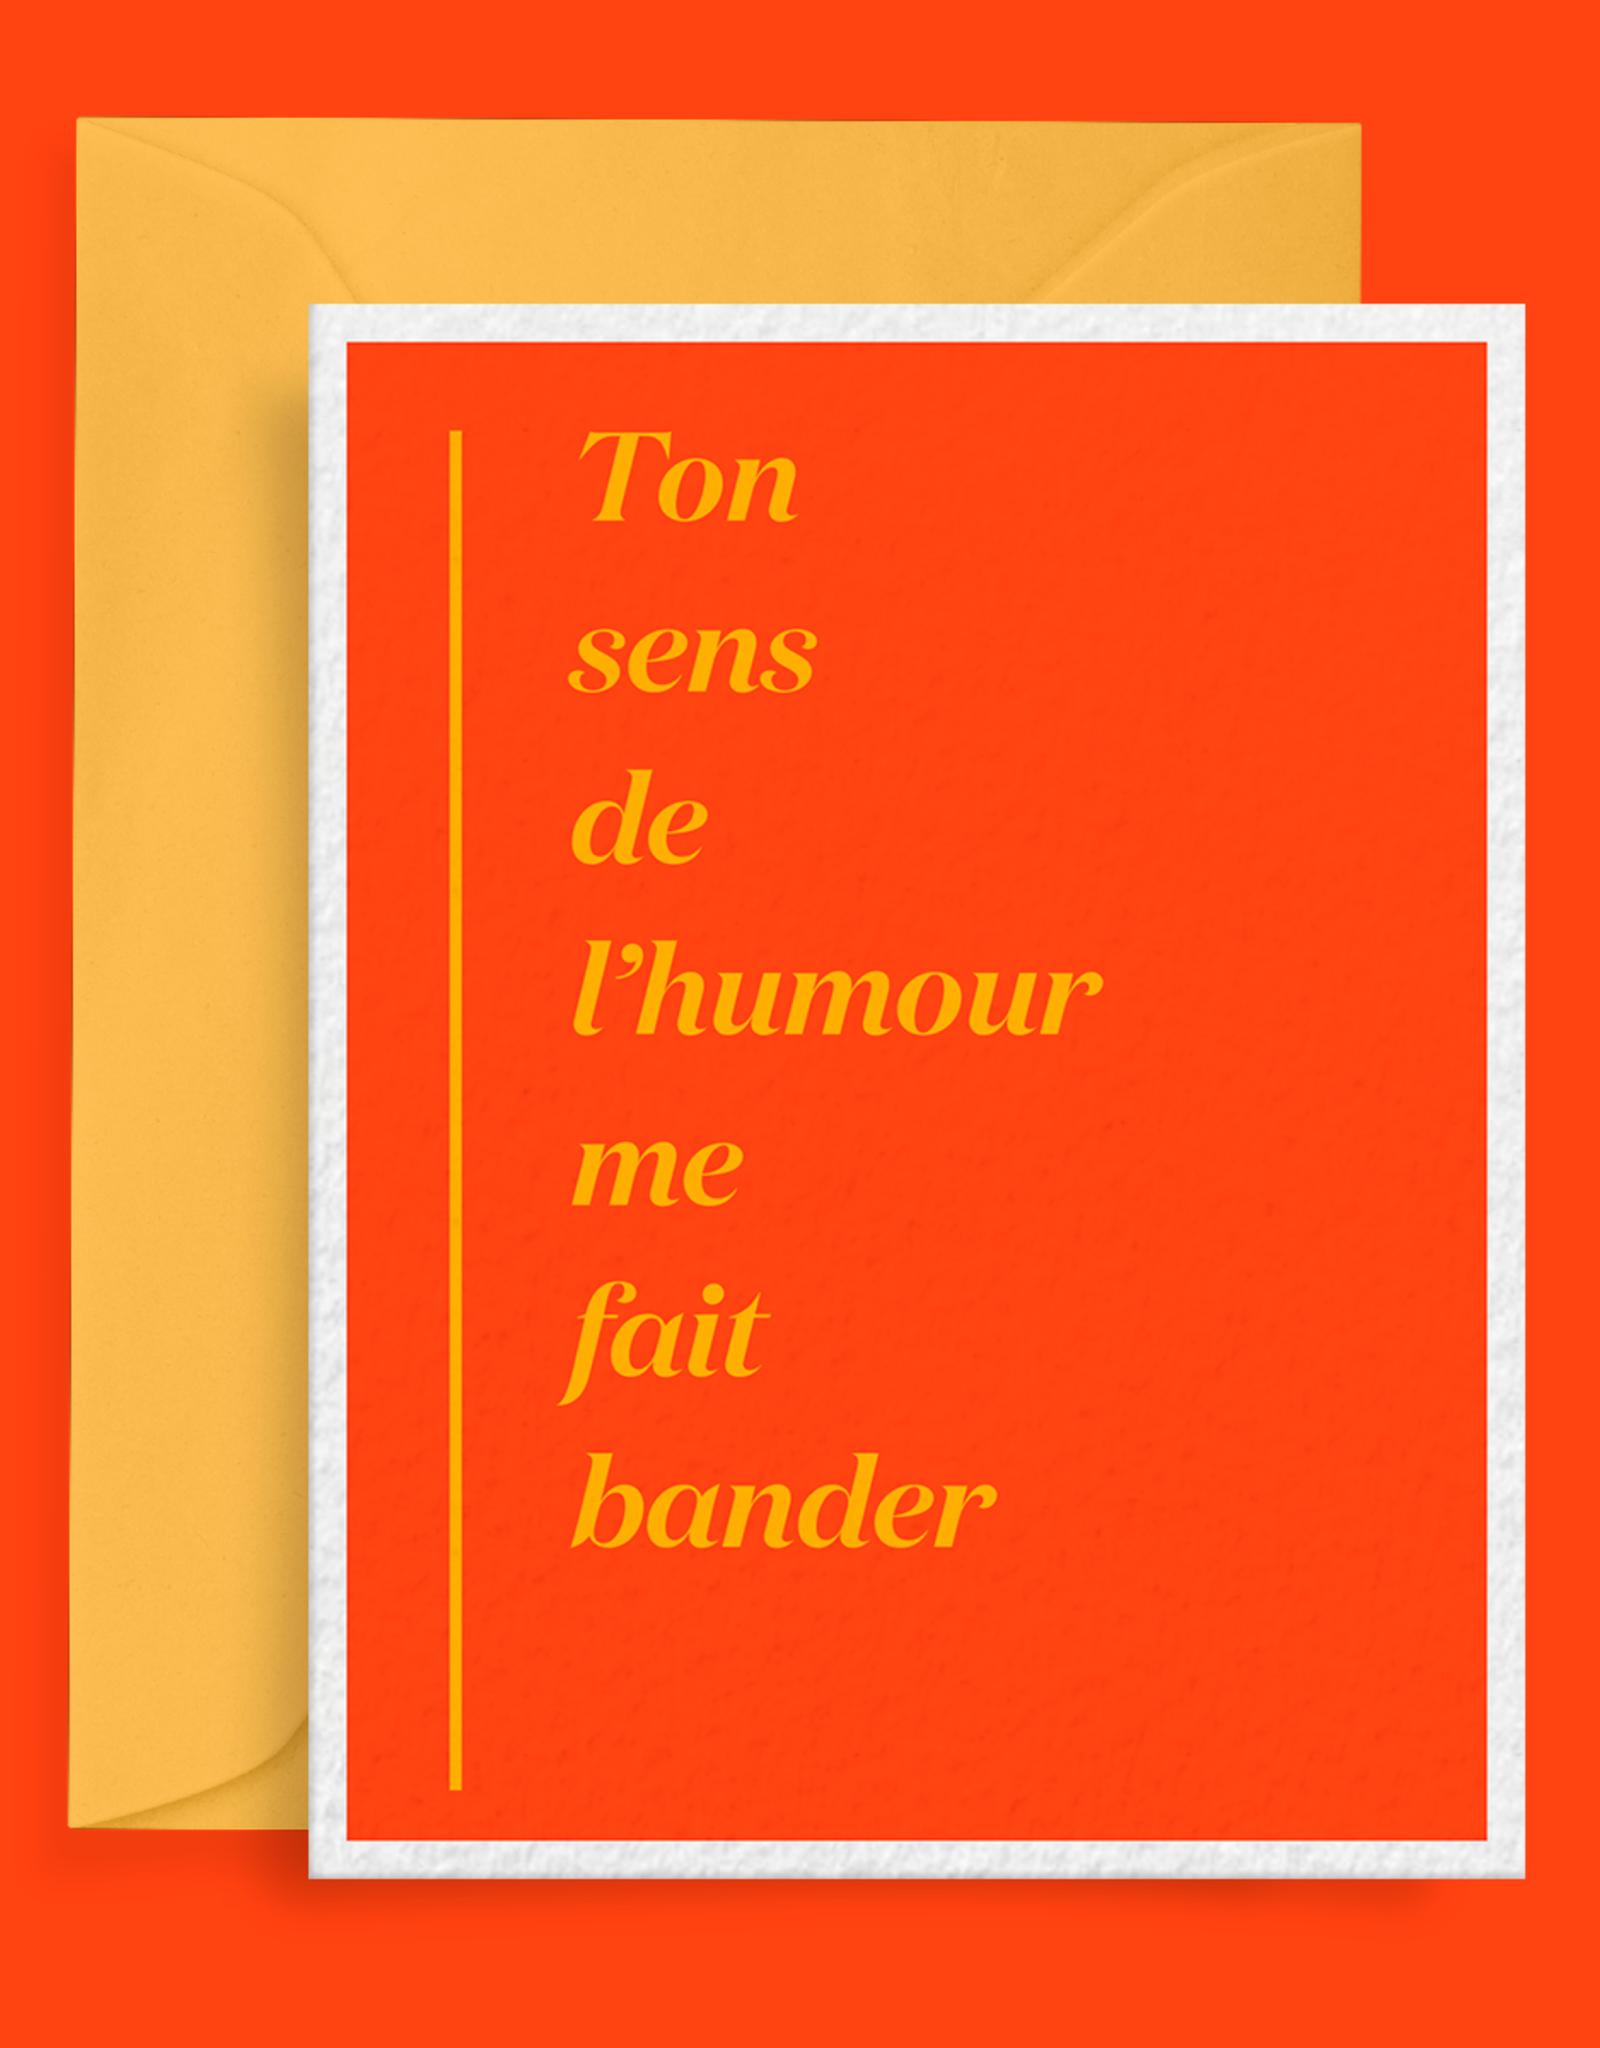 CARTE DE SOUHAITS TON SENS DE L'HUMOUR ME FAIT BANDER